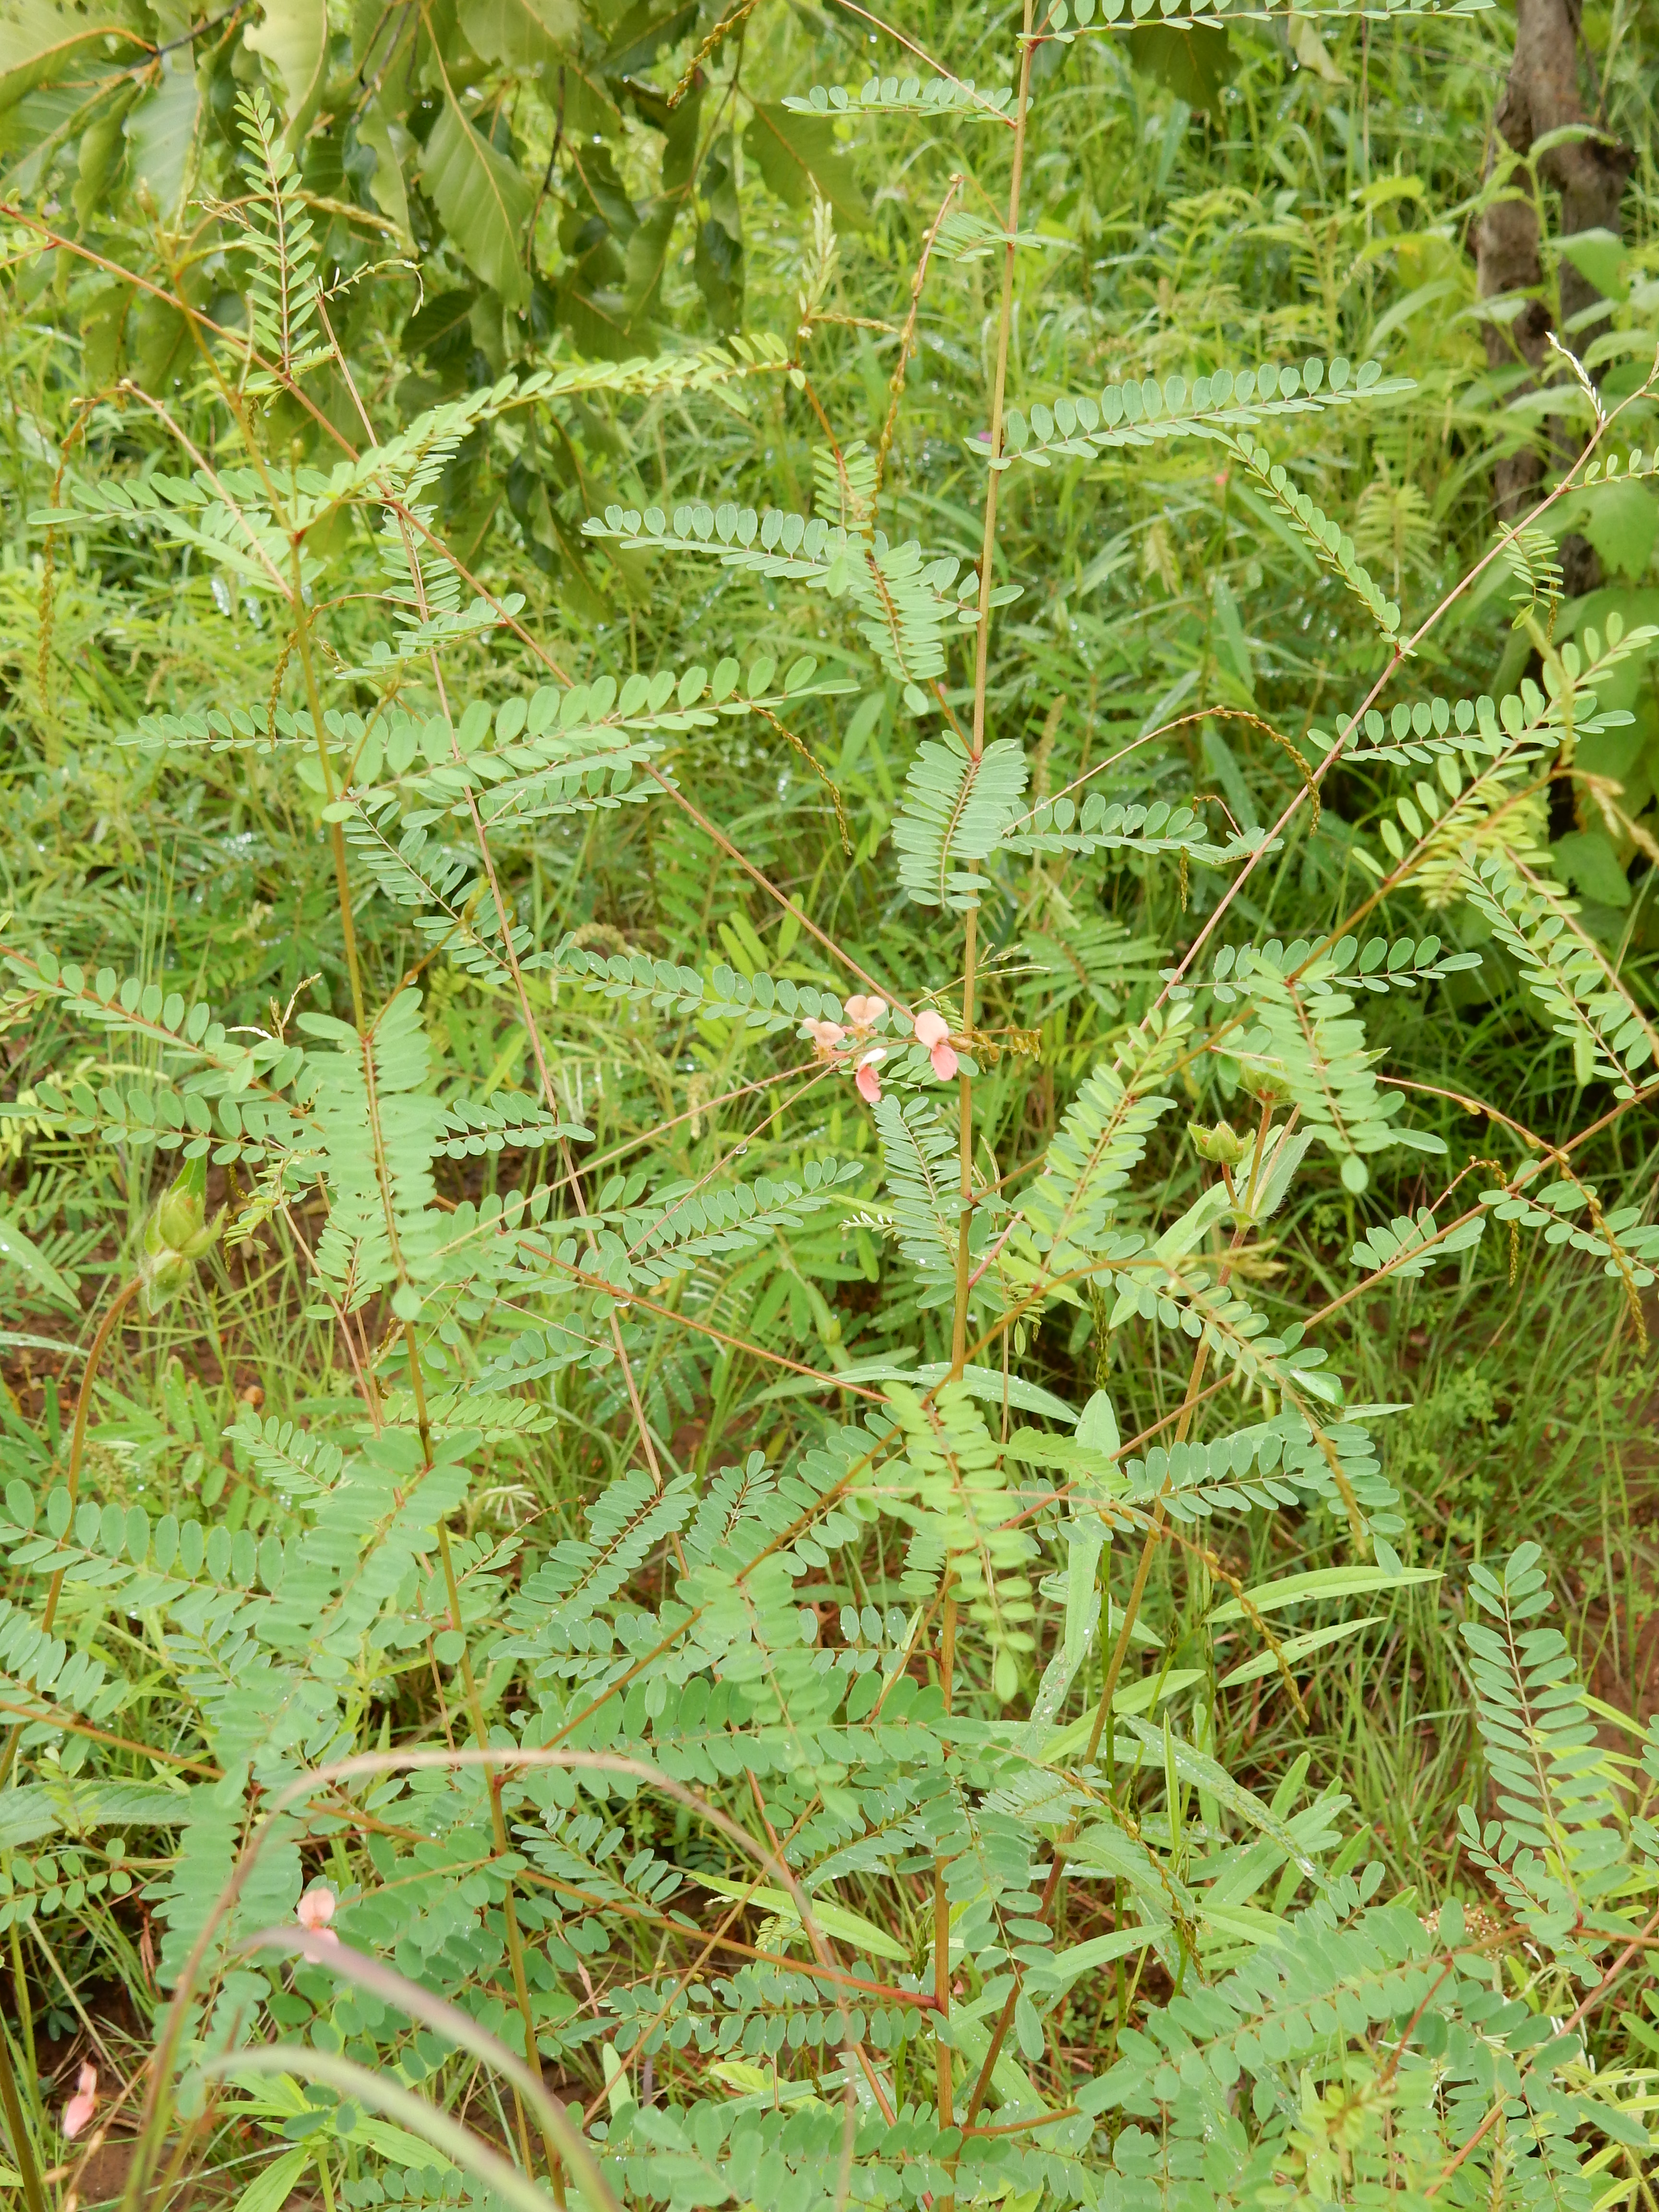 サバンナ植生中で開花期の植物体